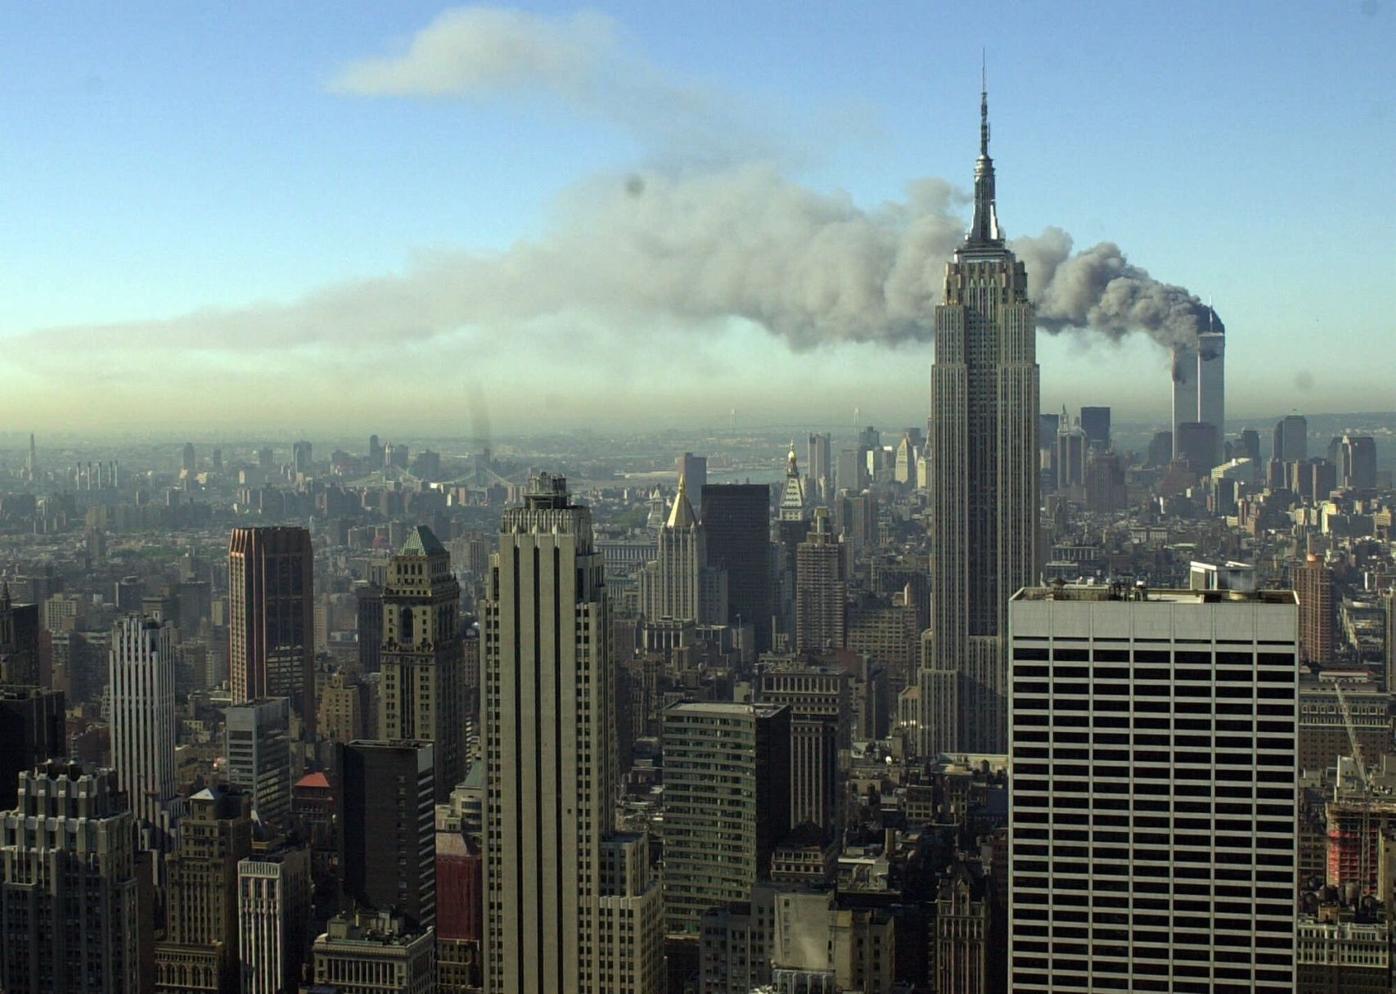 9/11-Media